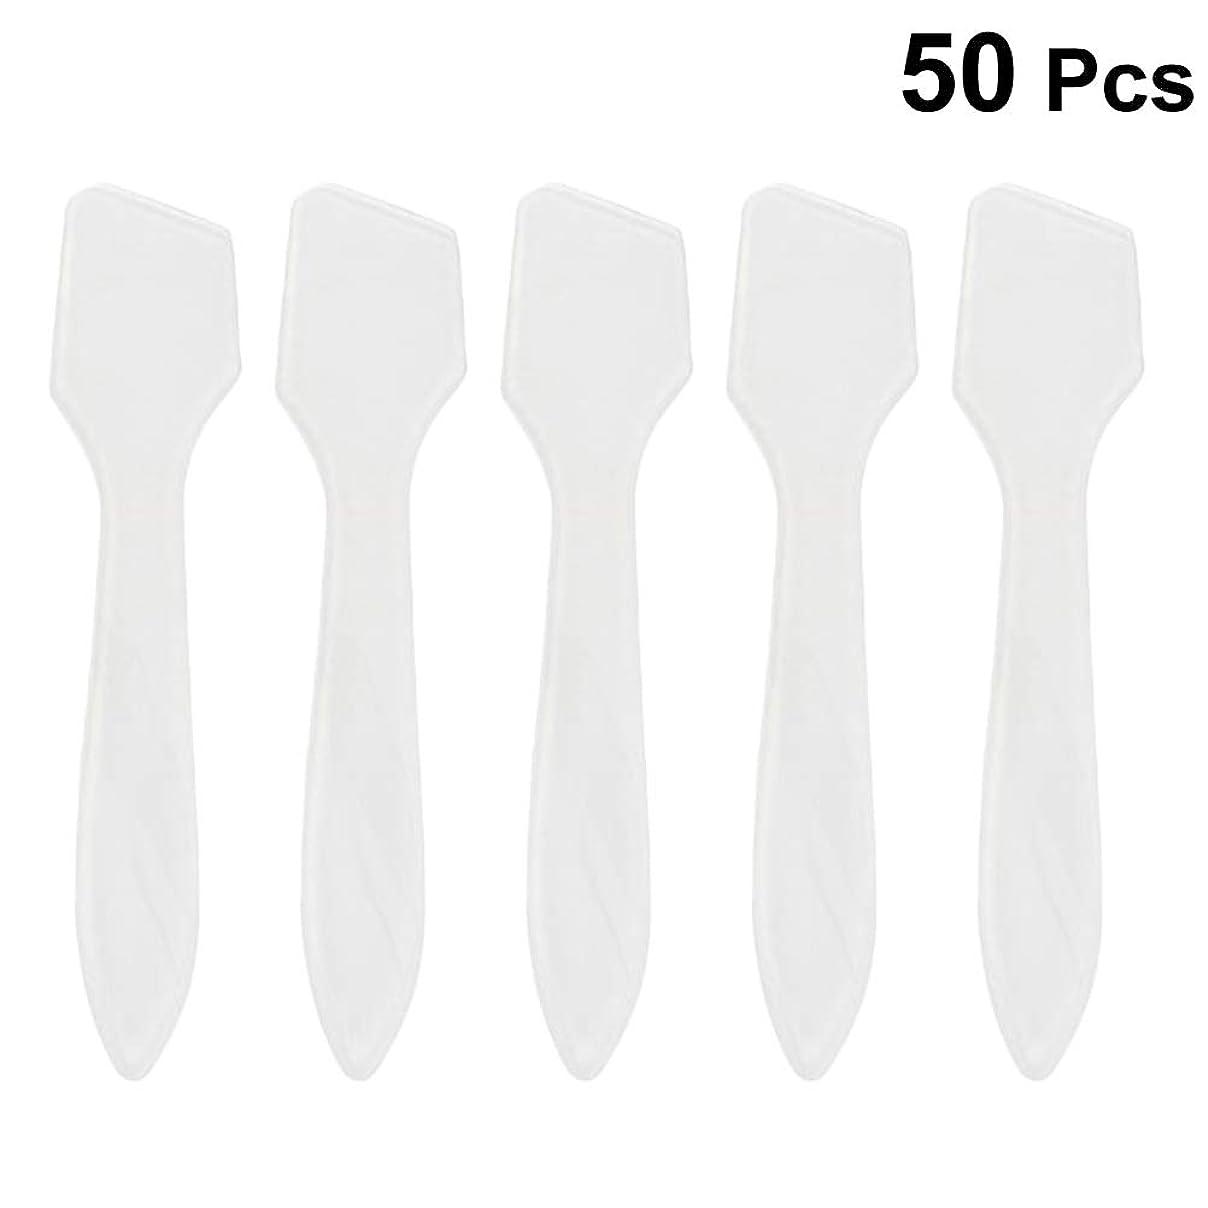 被る生まれワークショップSUPVOX 50ピース化粧品スキンケアフェイスクリームマスク混合ヘラアプリケータツール